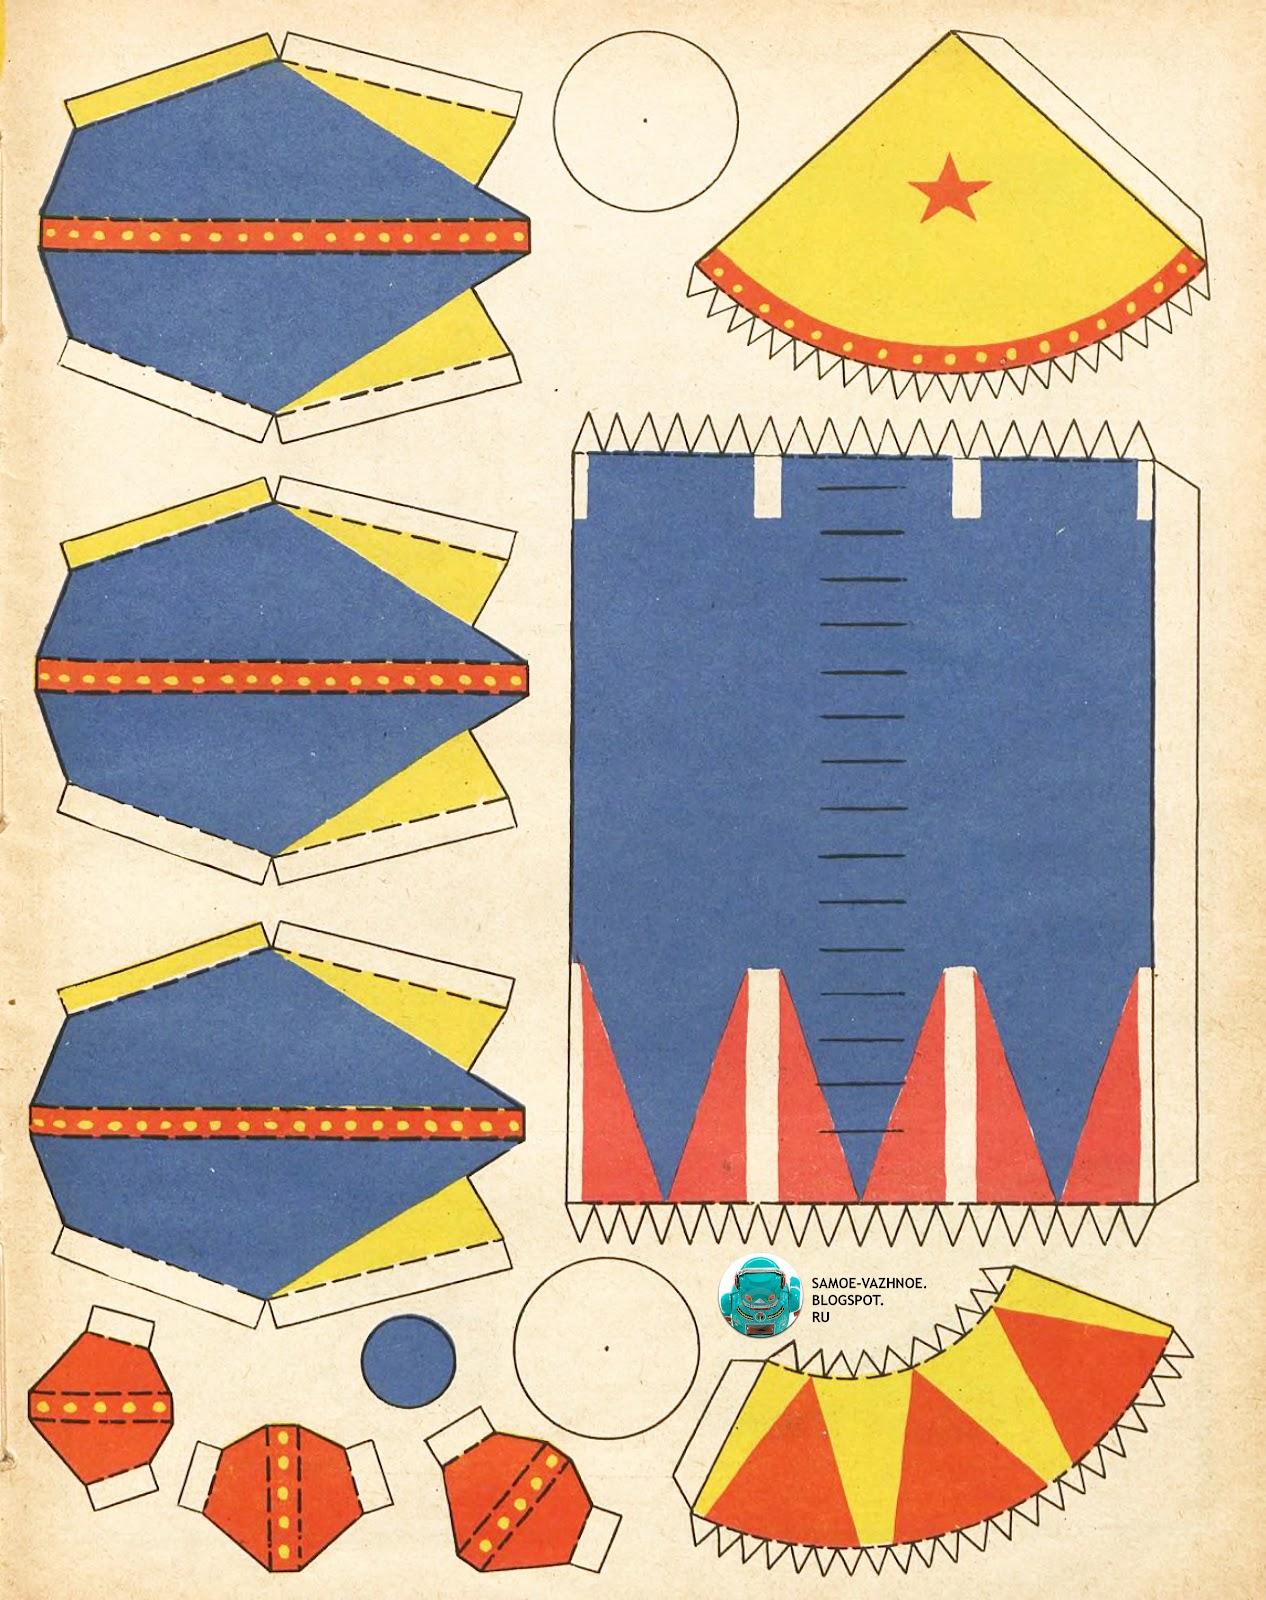 Модели ракет из бумаги своими руками схемы